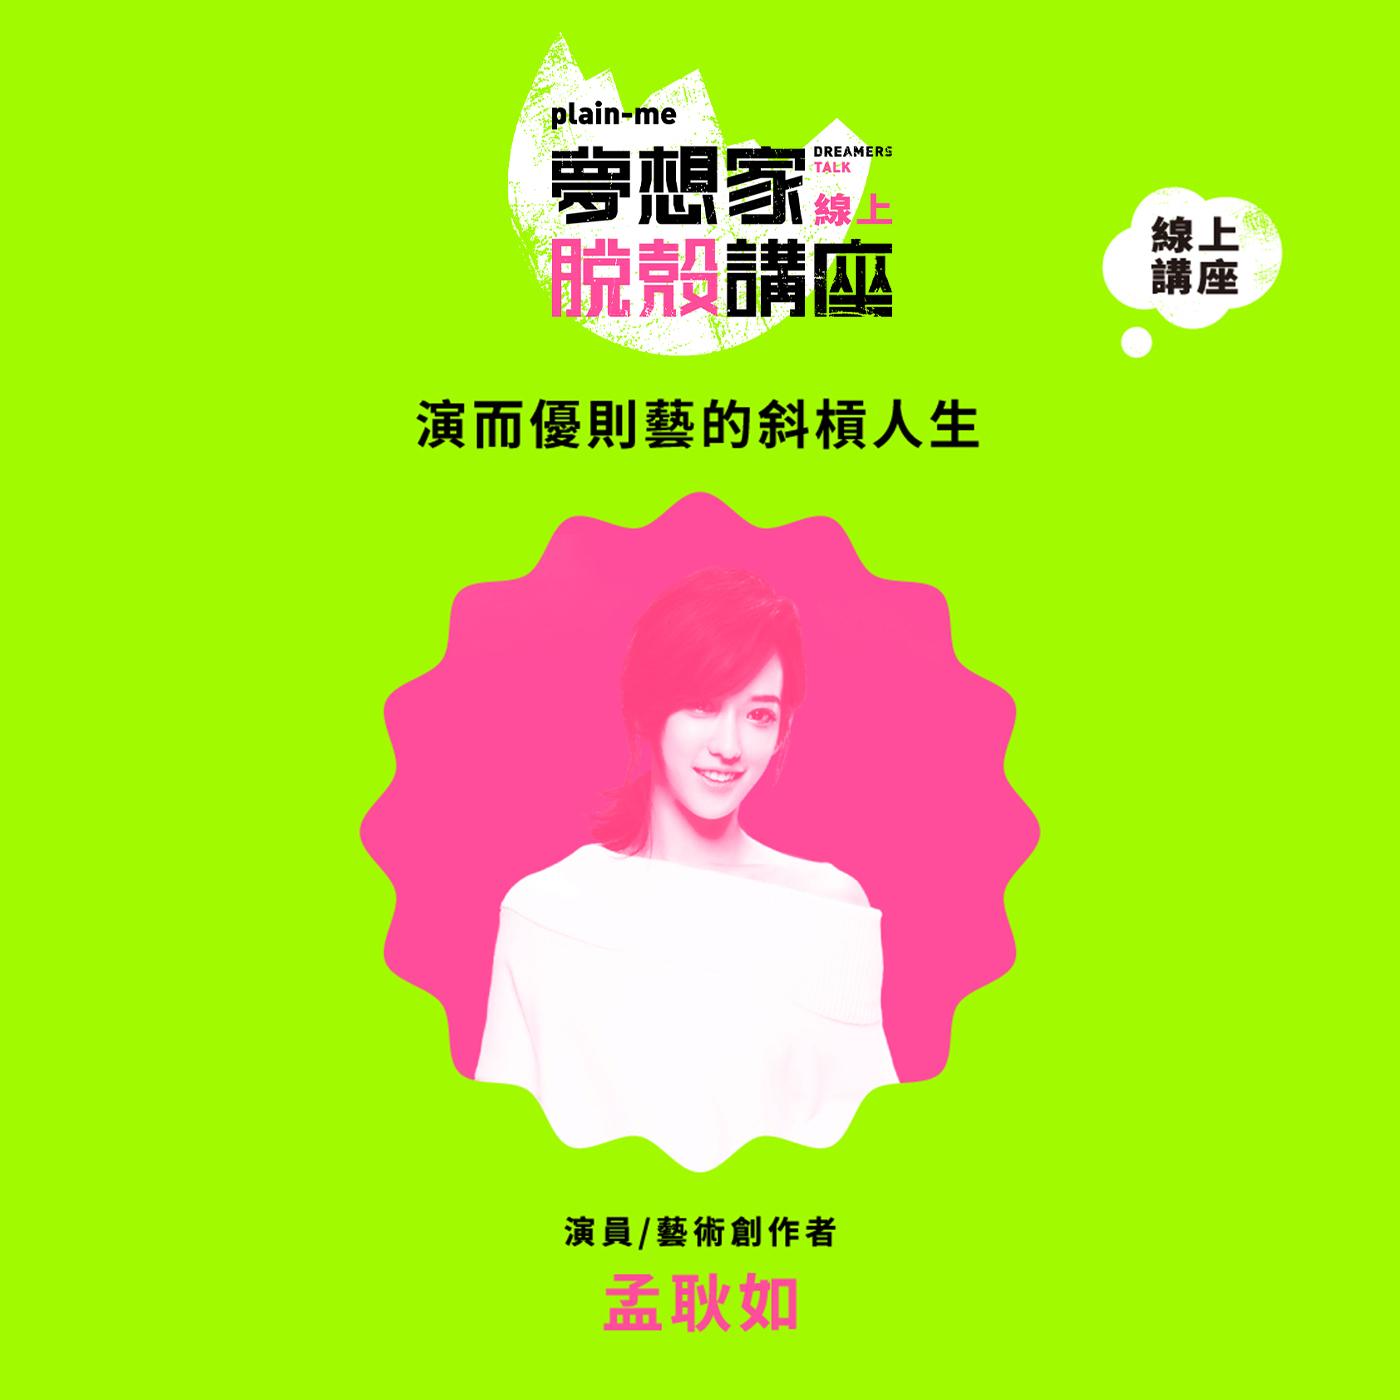 孟耿如,孟耿如 黃子佼,台灣 藝術家,演員 台灣,專訪,學生講座